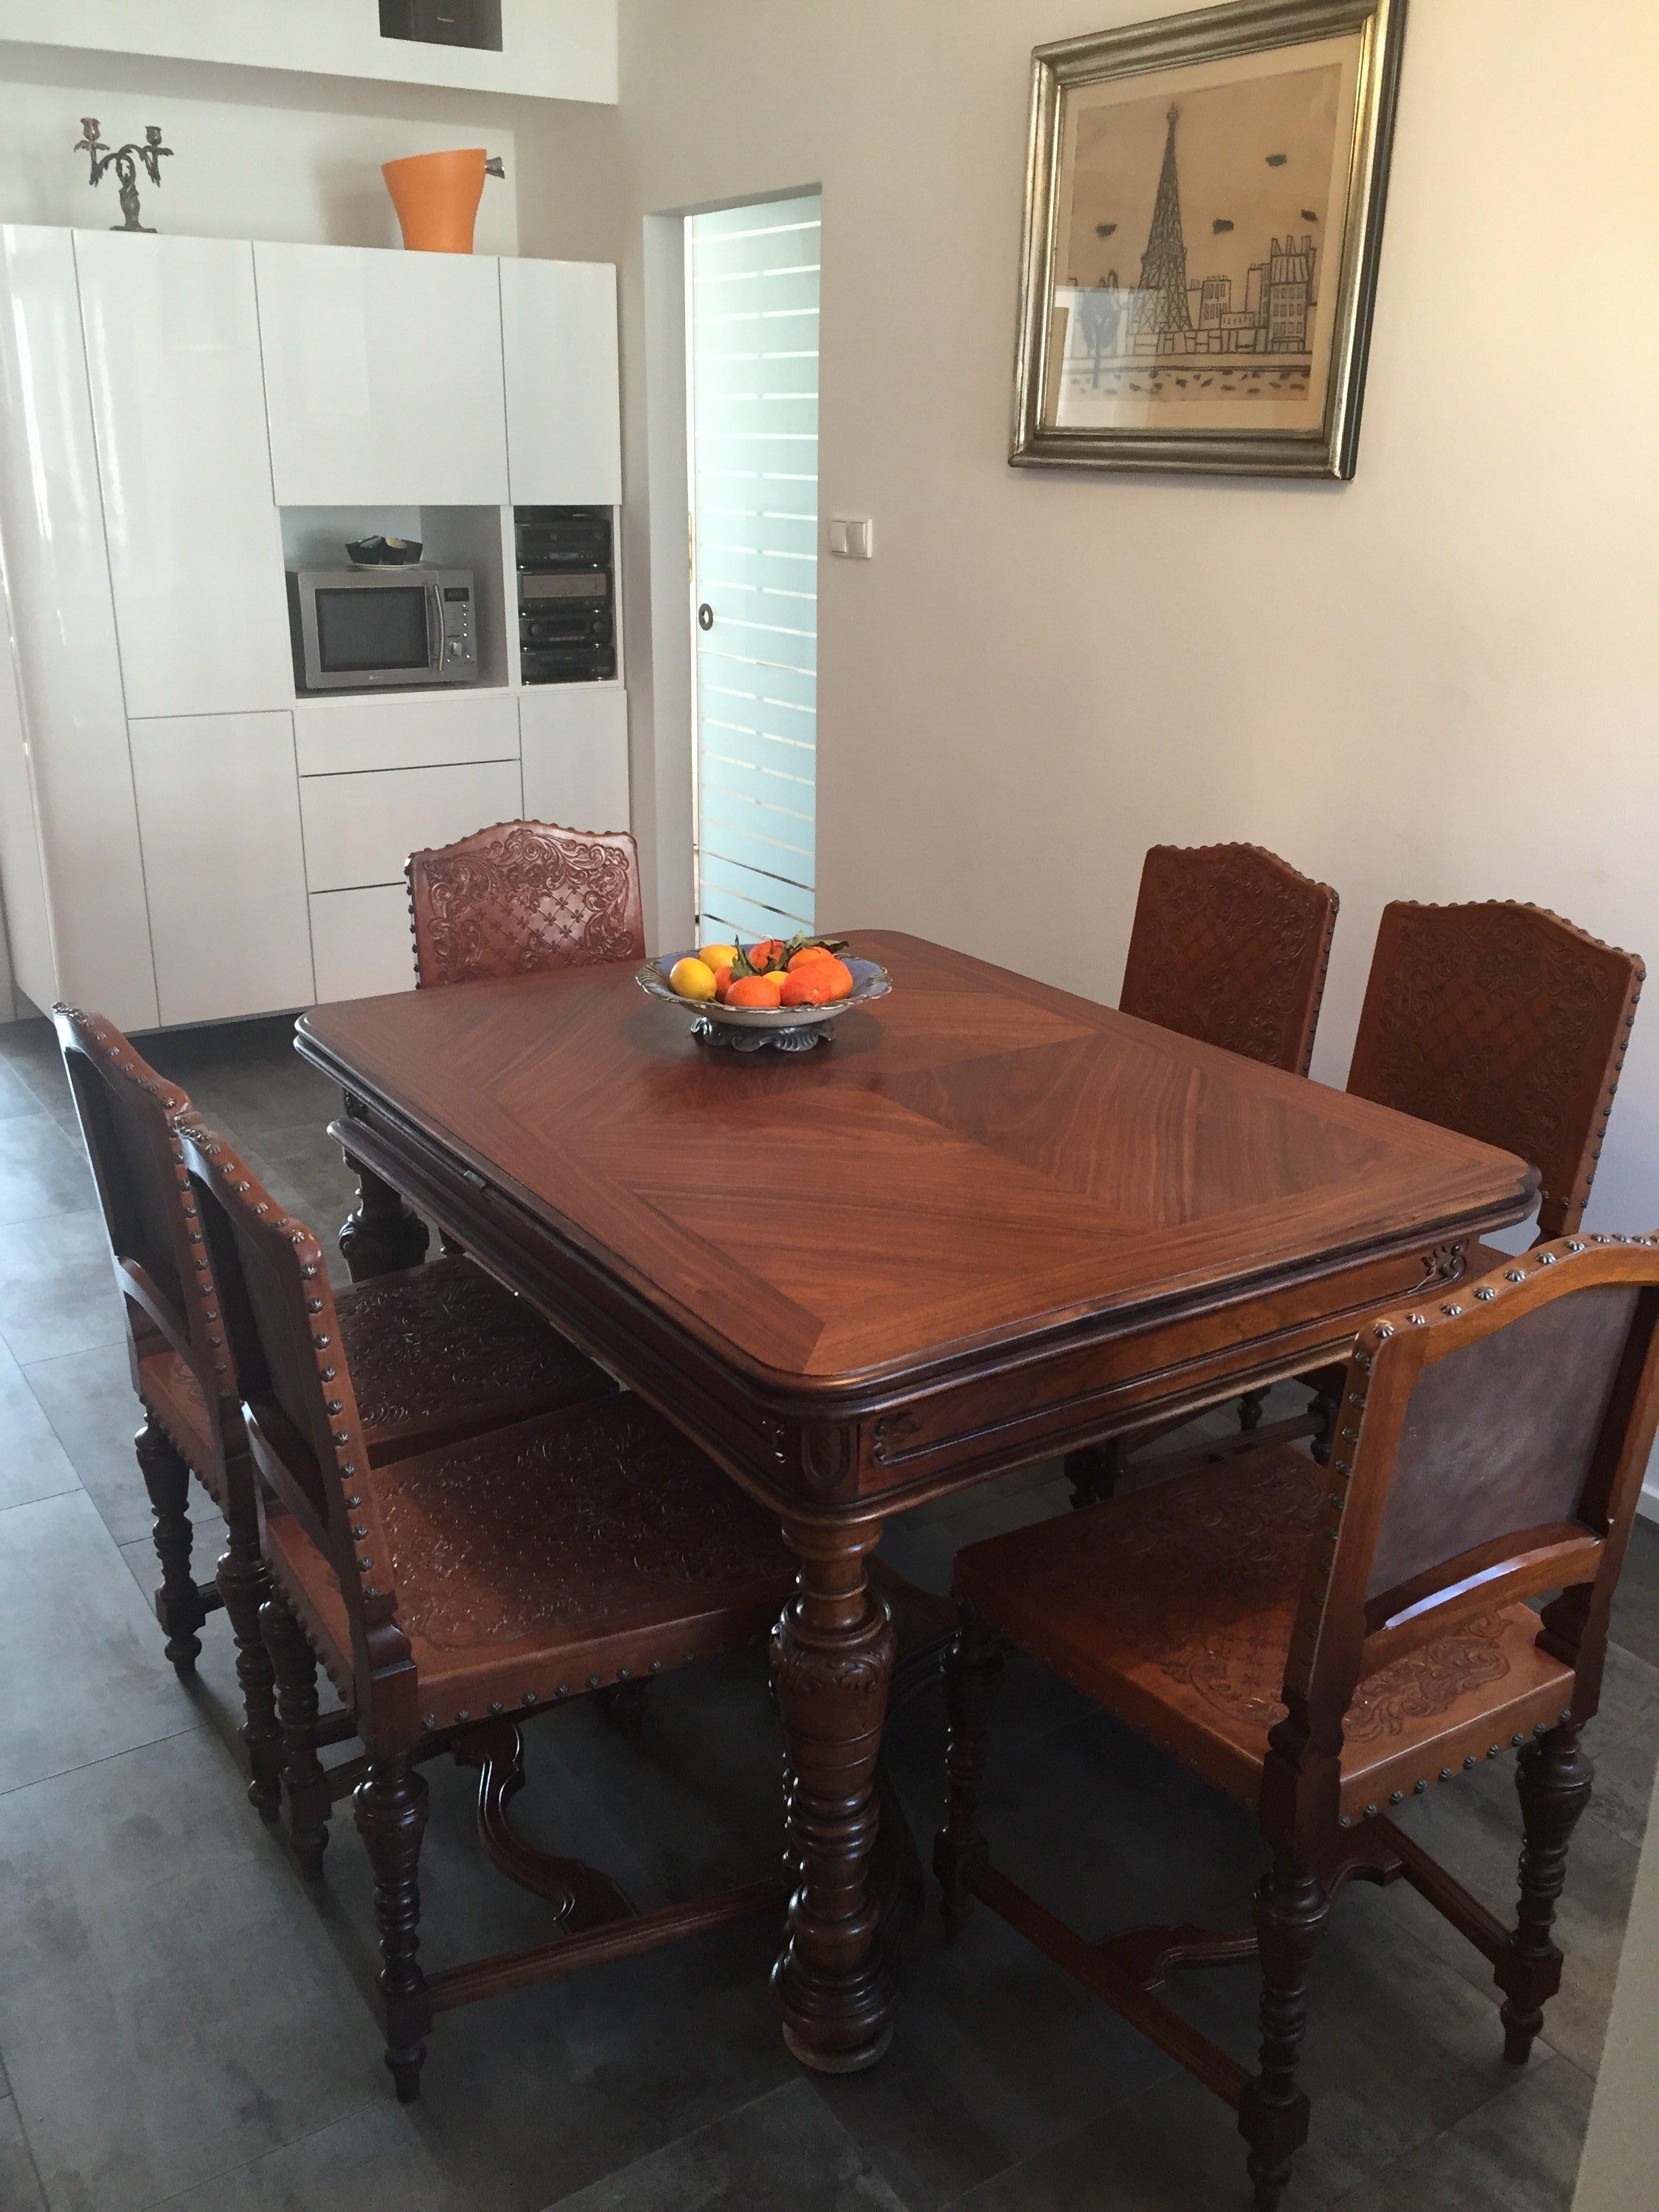 Kuchyňská linka v bílém vysokém lesku doplněná masivní pracovní deskou. V kuchyni je umístěn námi renovovaný starožitný stůl s židlemi a konferenční stolek.